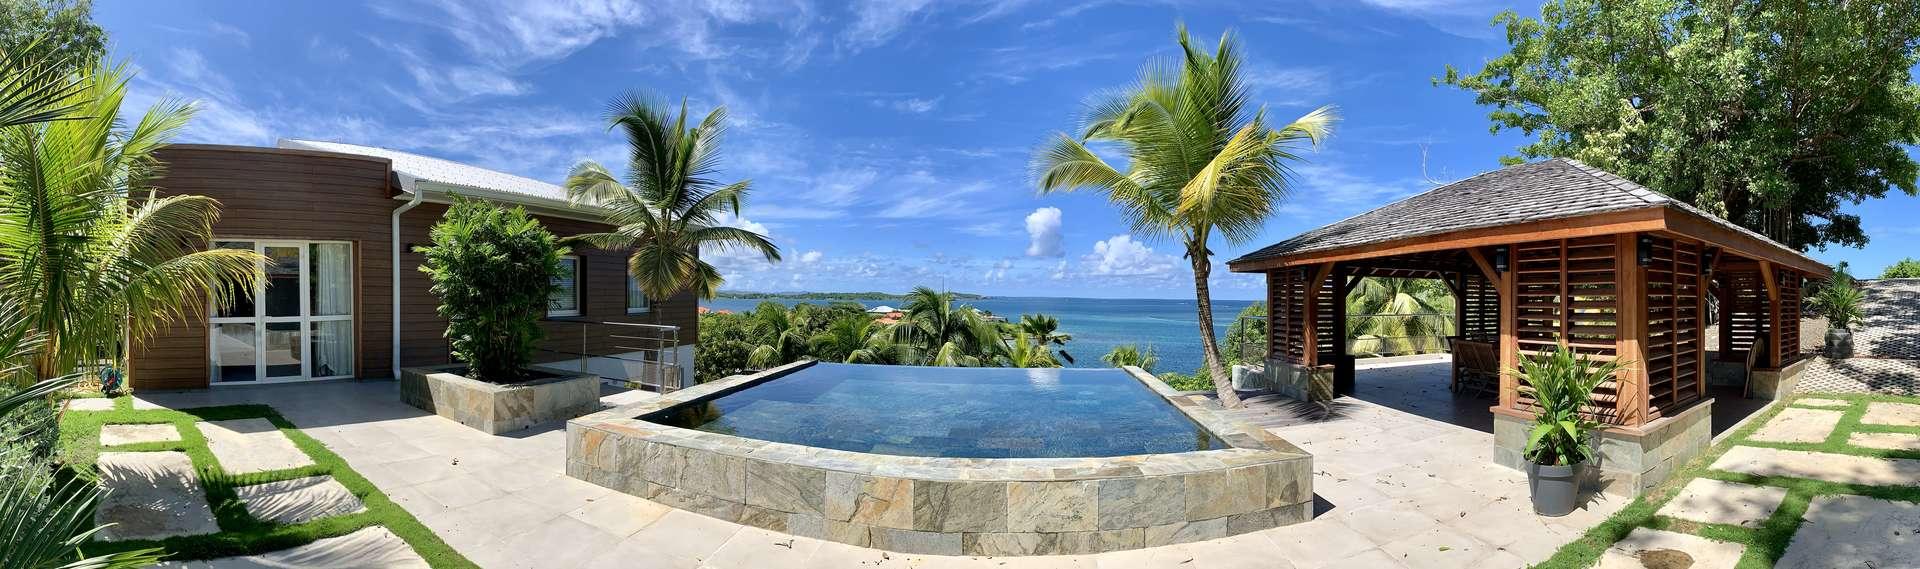 Luxury villa rentals caribbean - Martinique - Le francois - No location 4 - Villa Coralie - Image 1/21